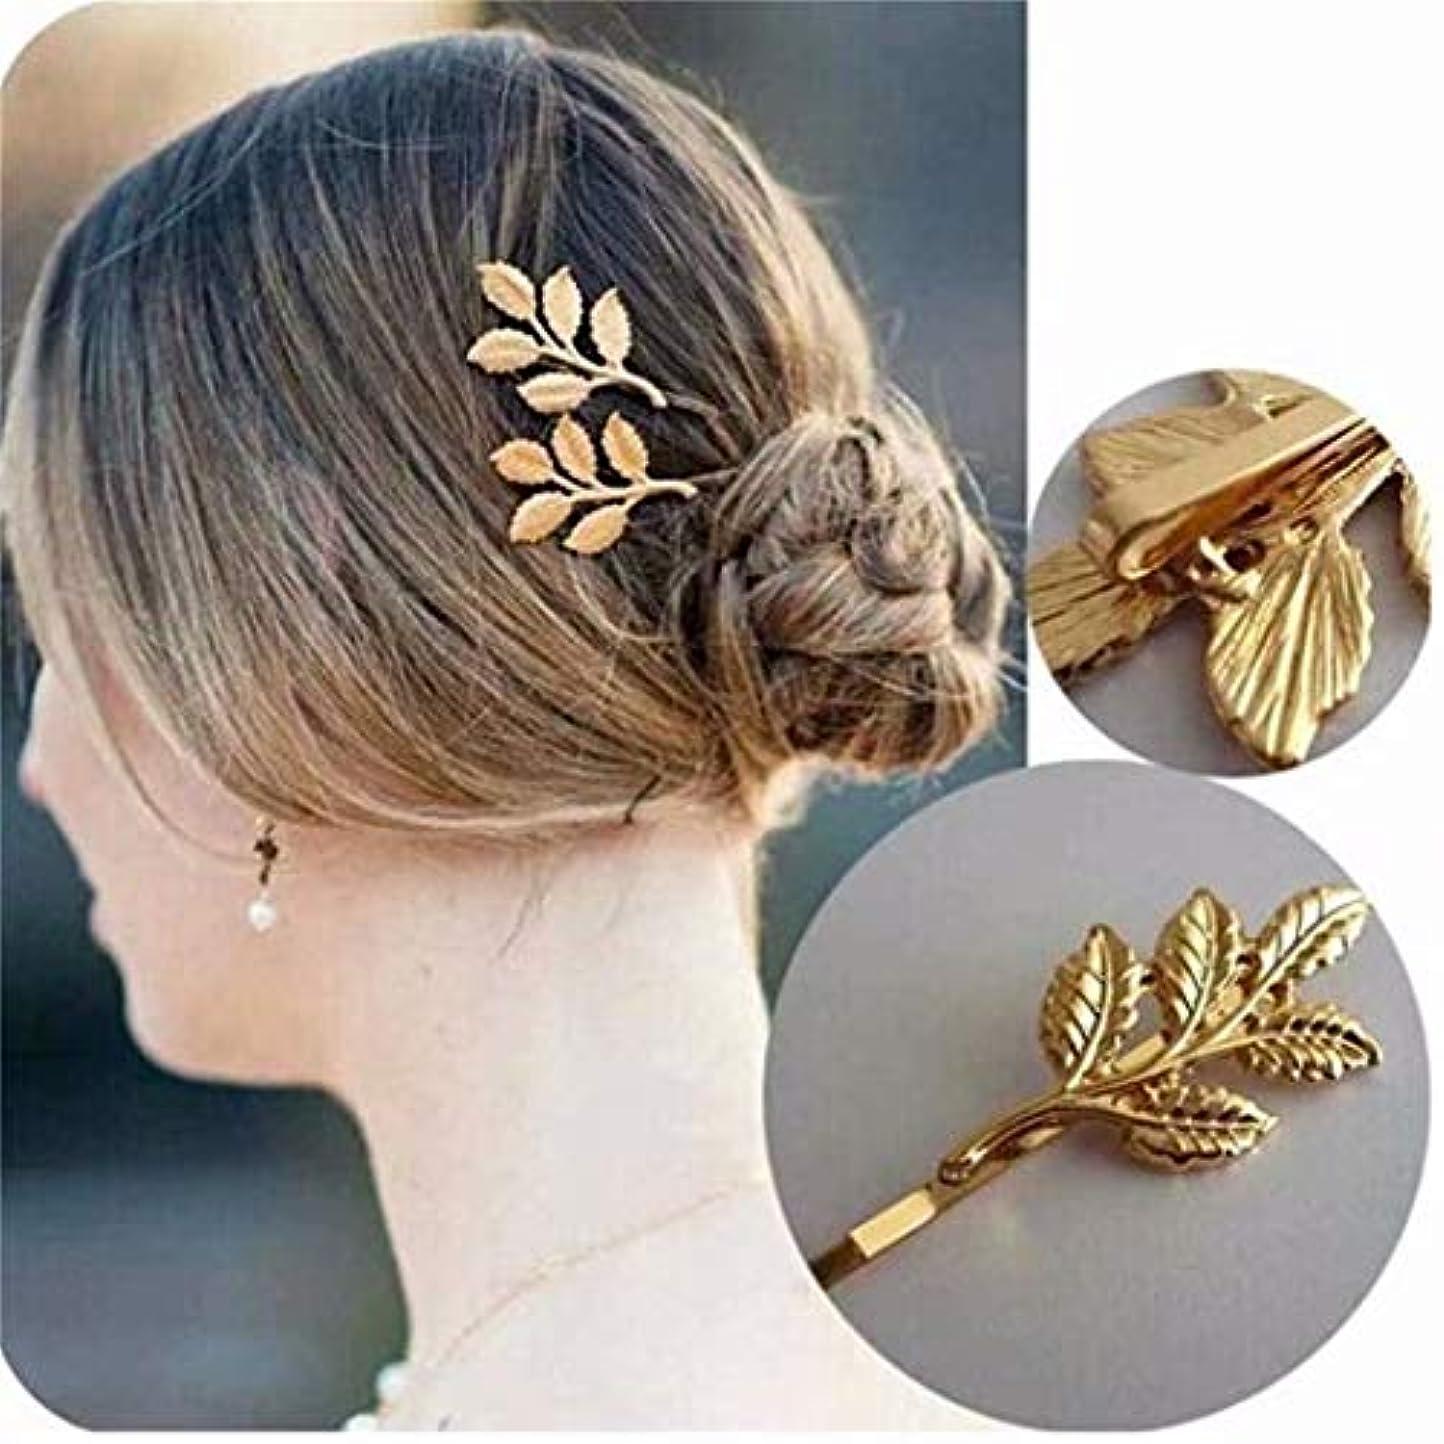 また明日ね乱すモデレータ七里の香 ヘアクリップ ヘアピン 髪留め 木の葉 リーフの髪飾り ゴールド レディース アクセサリ エレガント 綺麗